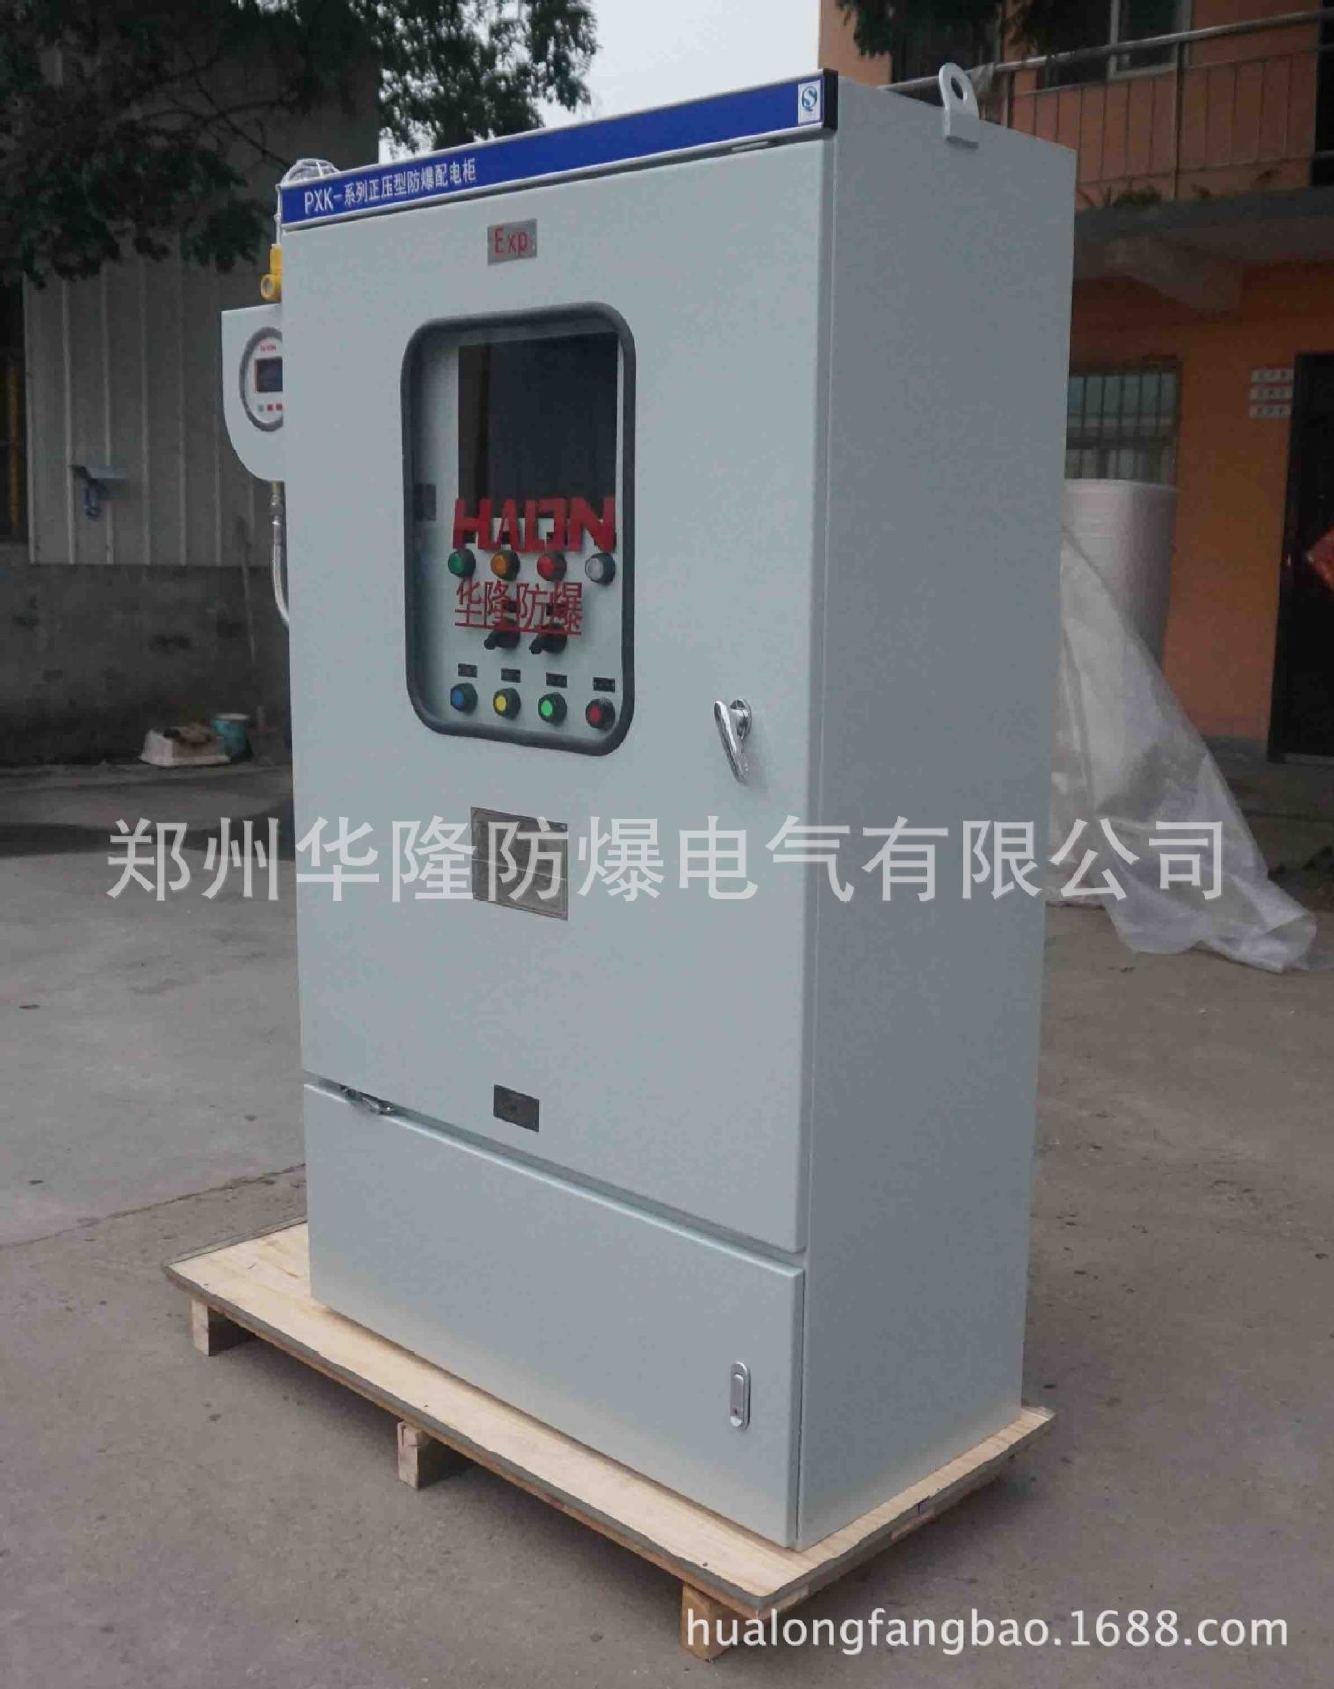 分析仪器防爆柜 厂家定做正压型防爆配电柜 PLC防爆控制柜示例图8